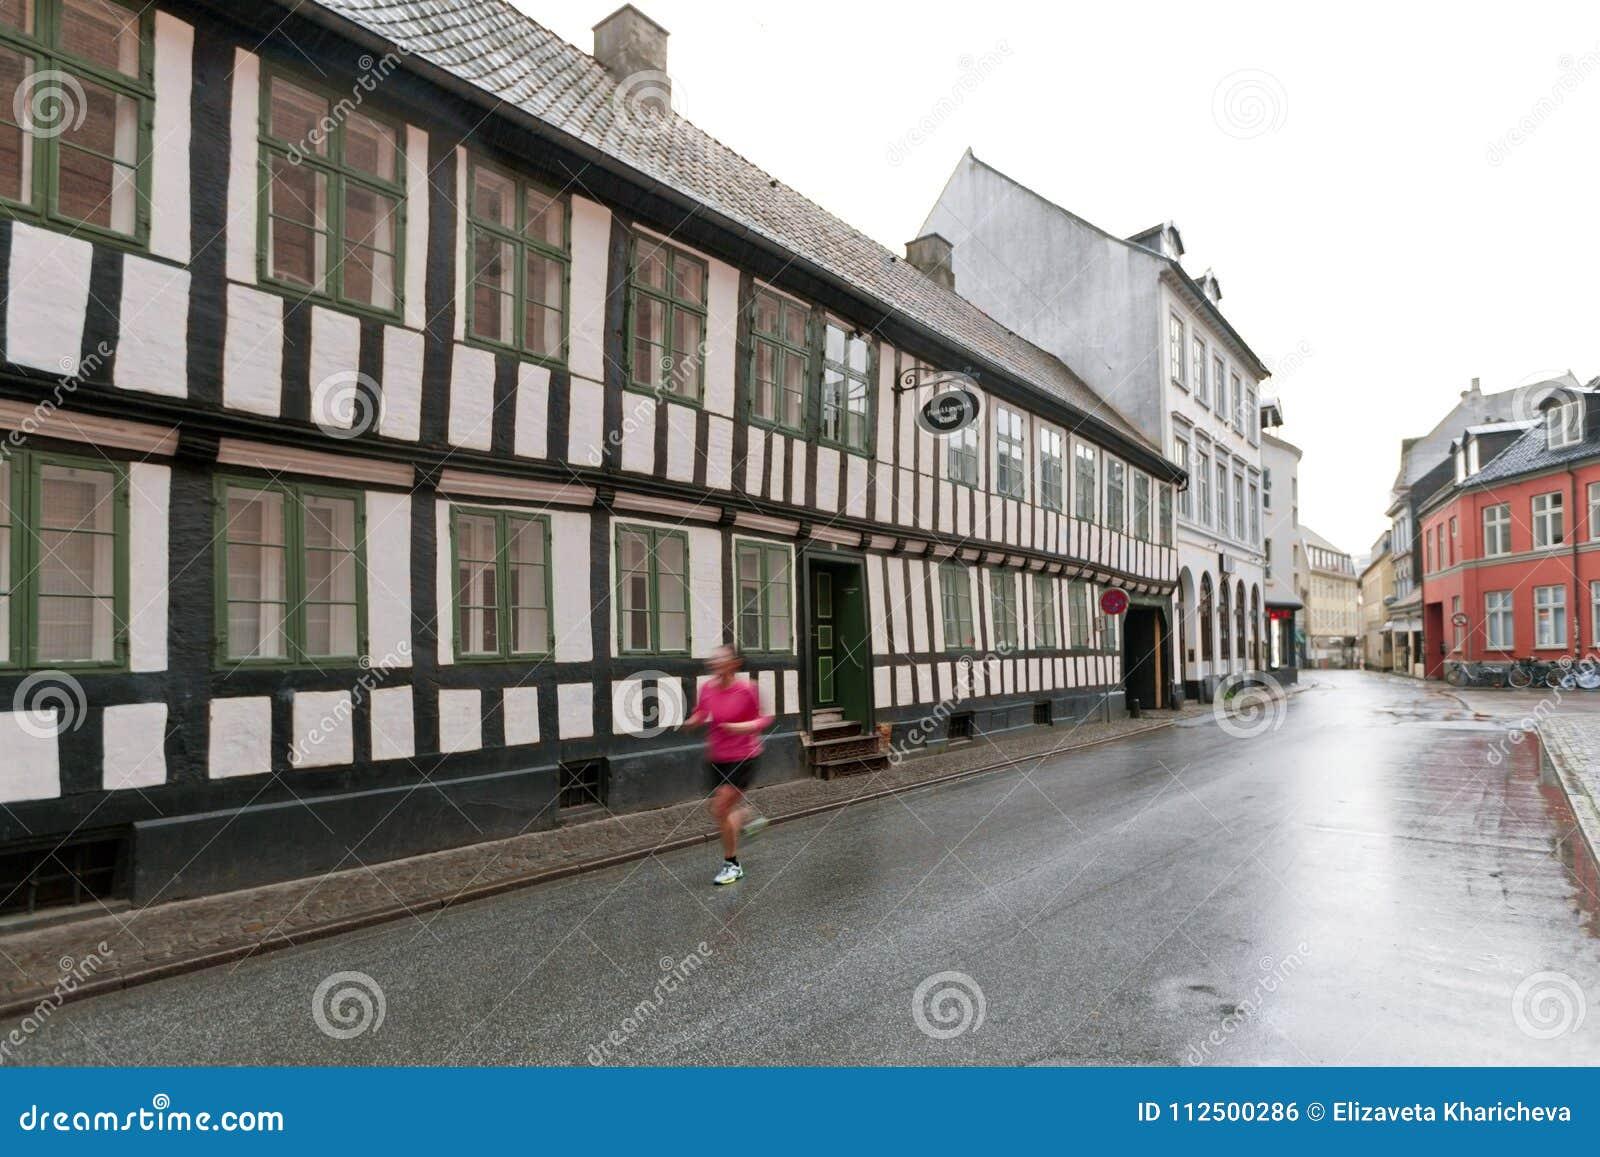 Case Di Legno E Mattoni : Vecchia casa rossa con le finestre bianche casa a graticcio